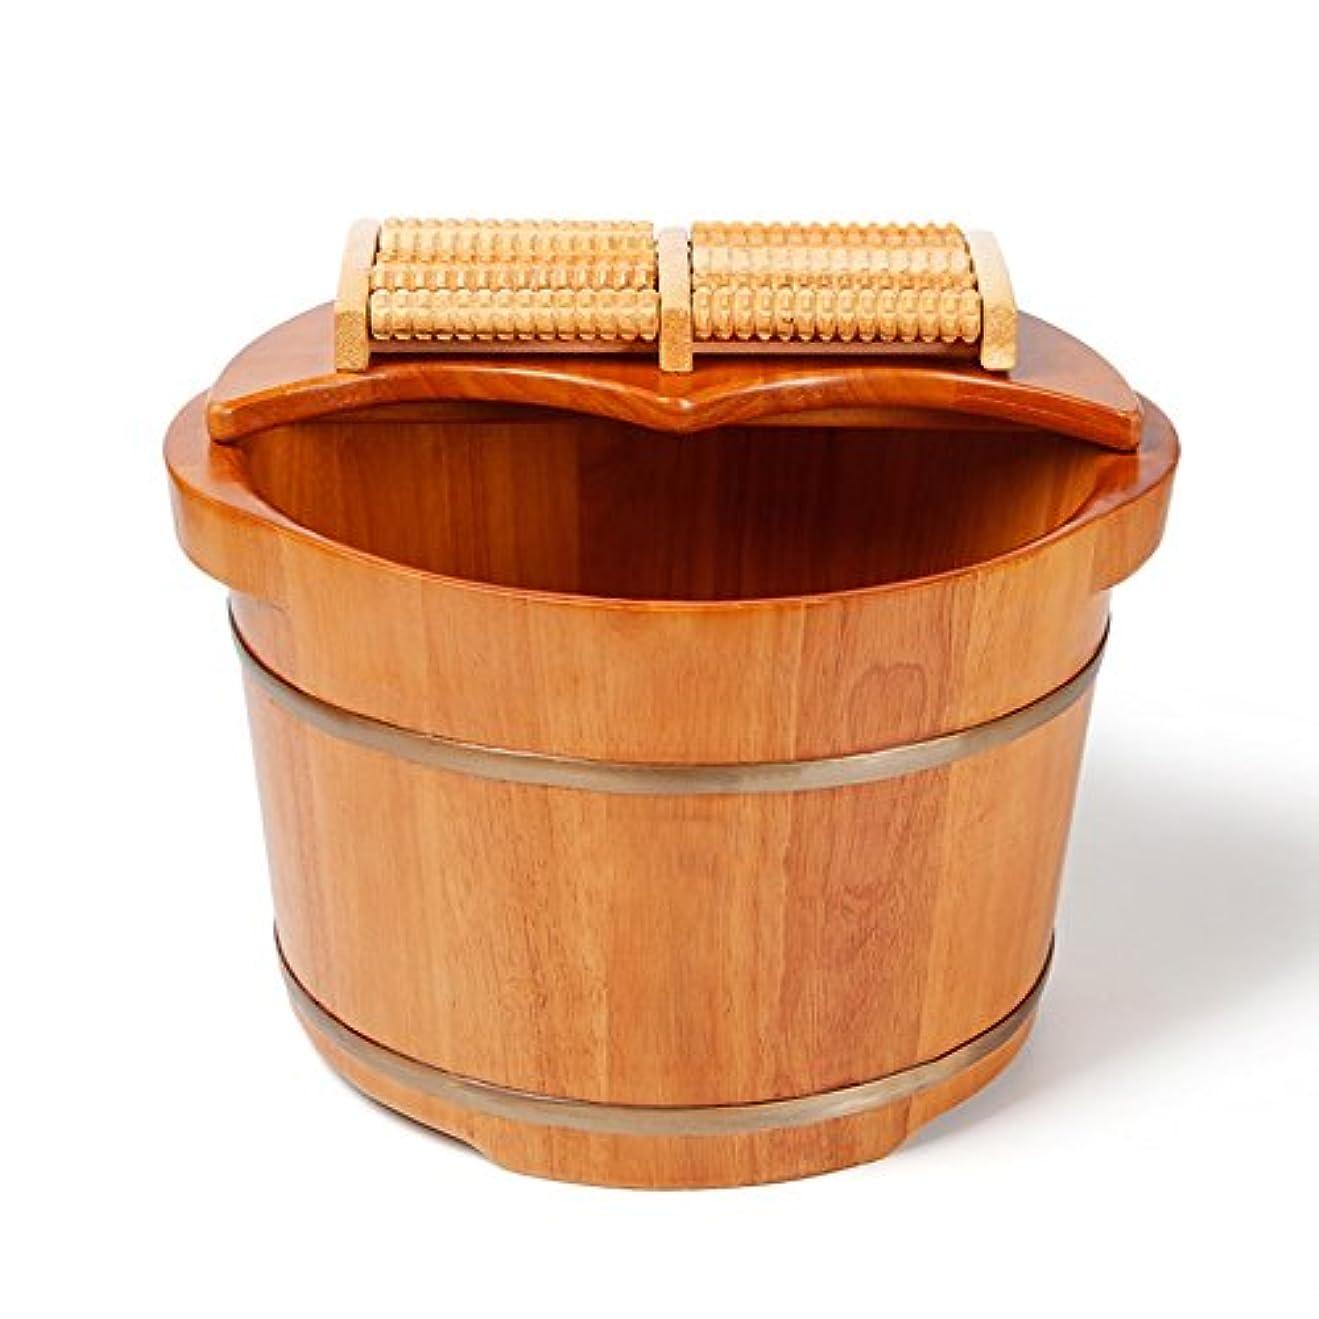 買い物に行く五十脱獄C&L 足の浴槽、木製の足の洗面器足のバレルの足のマッサージの足の洗面器カバーの足の浴槽38 * 31 * 26cm ( サイズ さいず : 38*31*26cm )